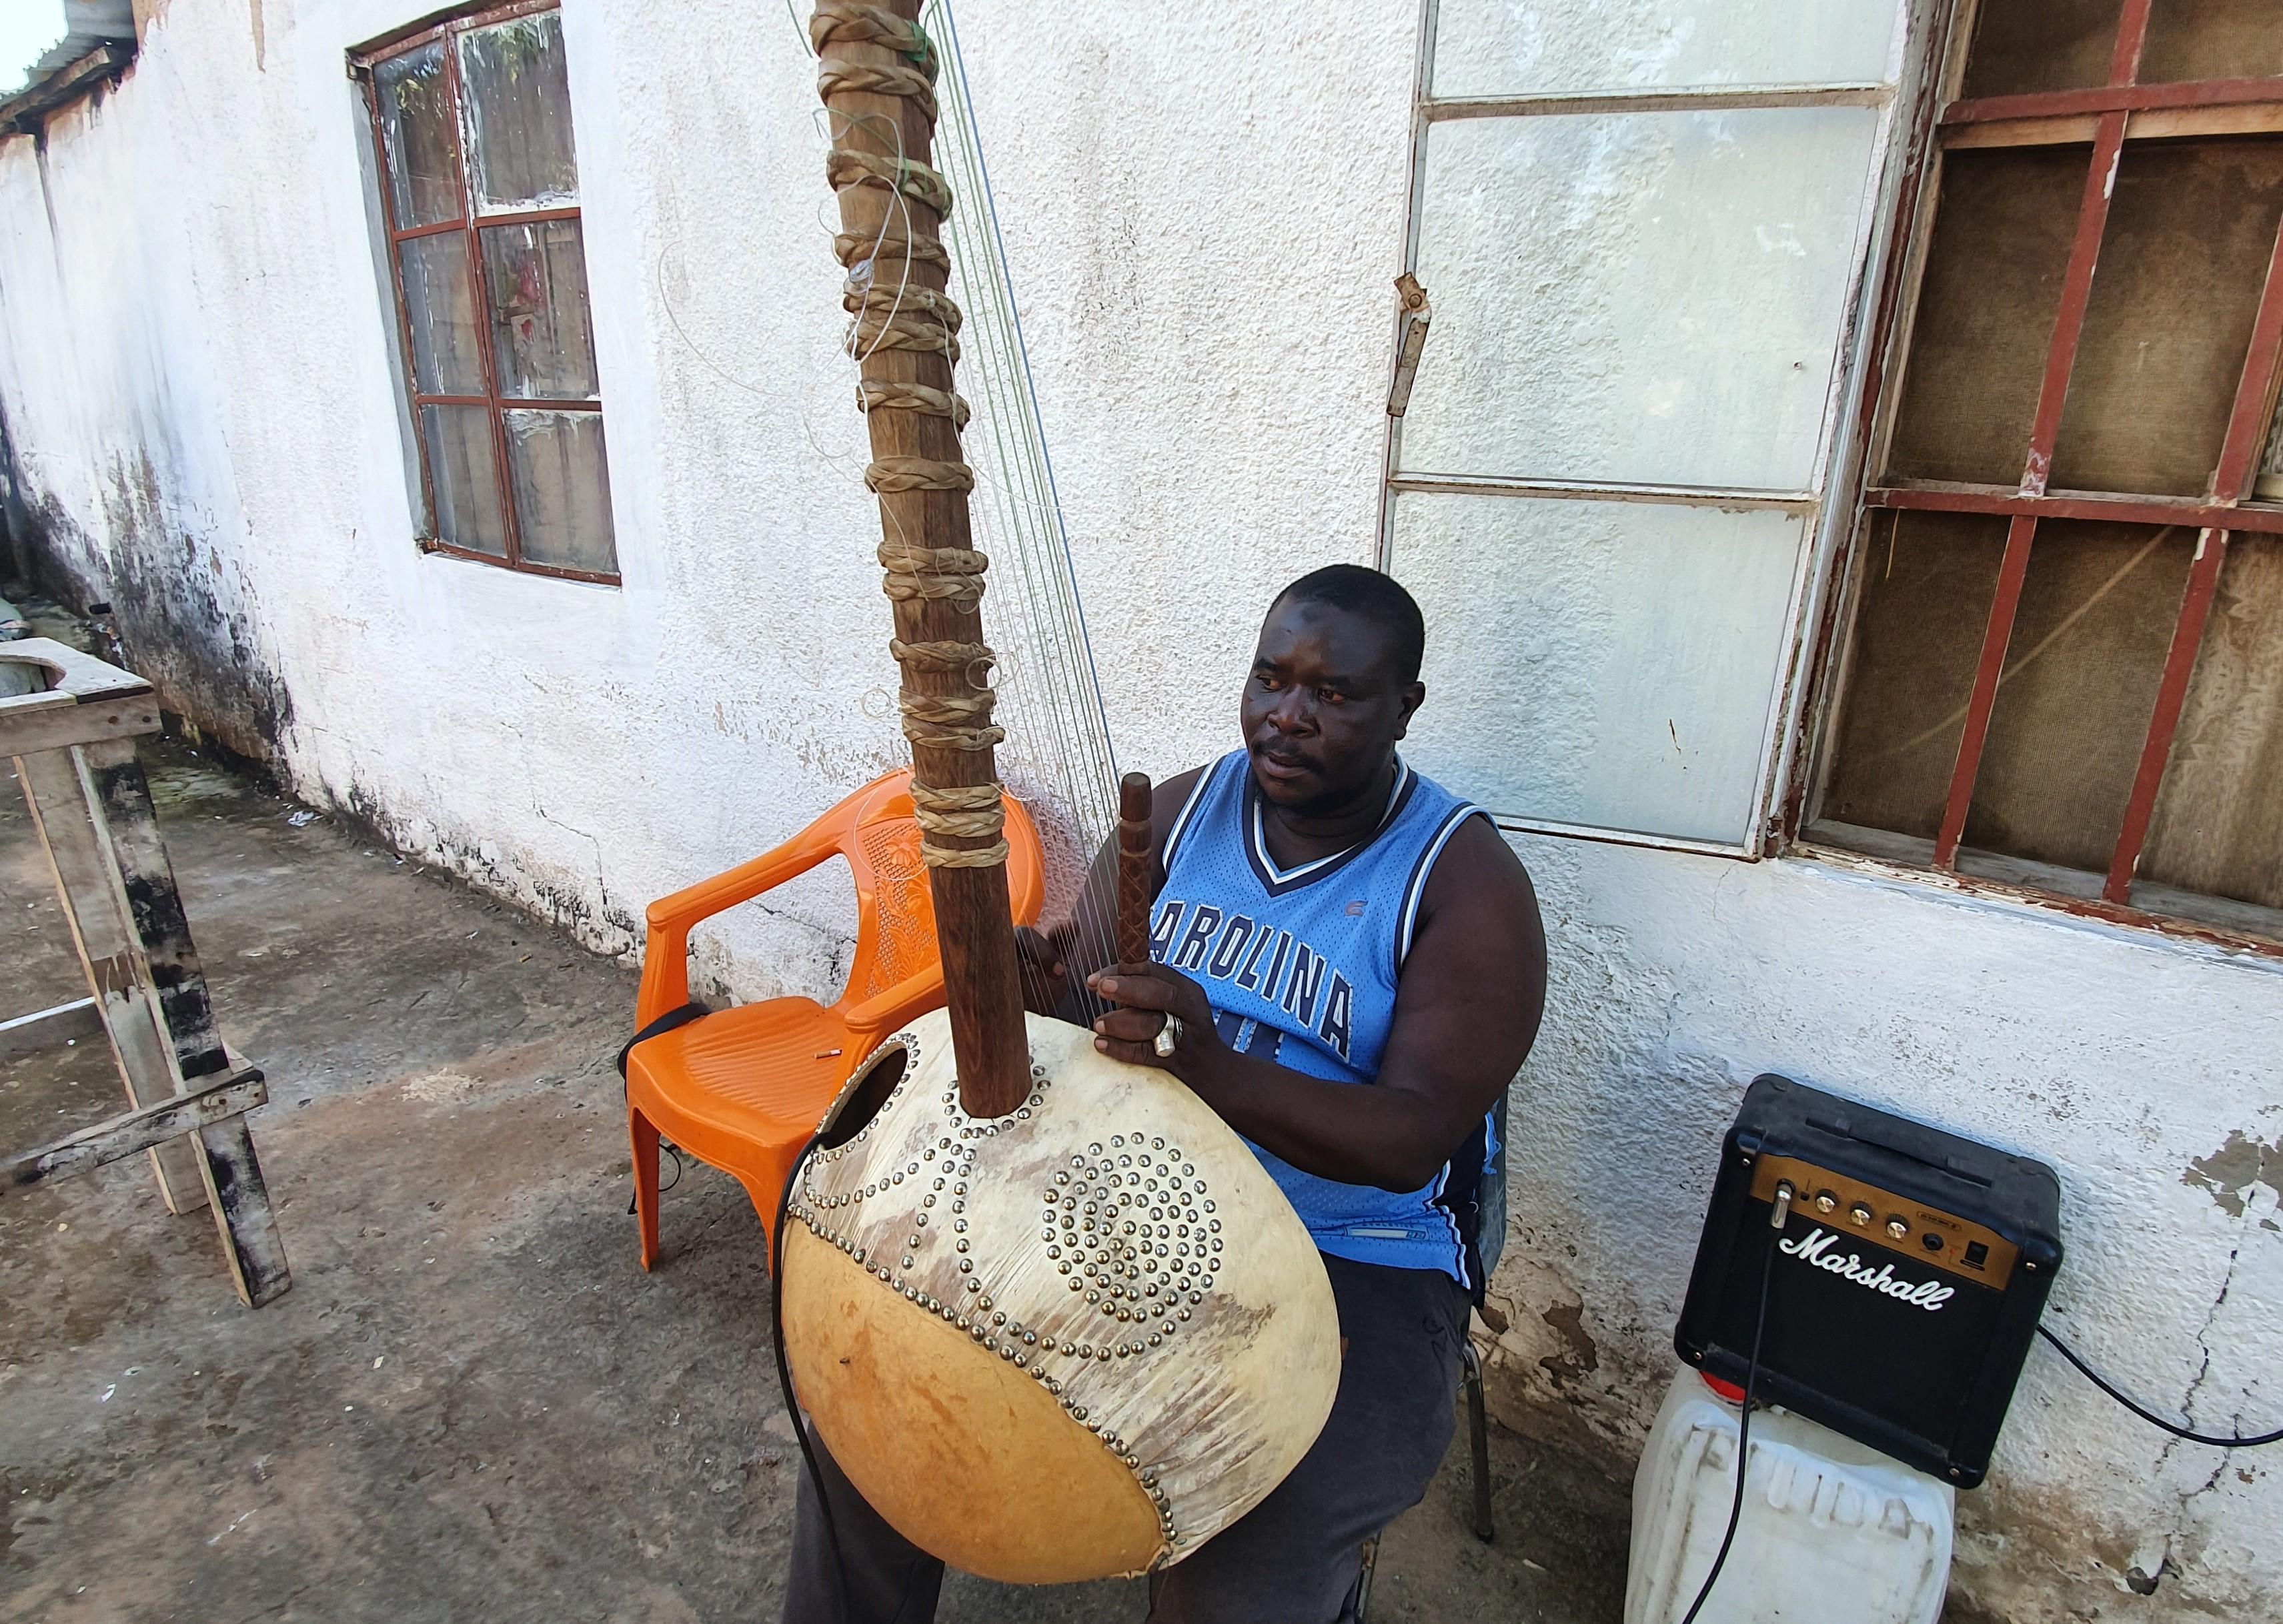 Płyta CD z tradycyjną, gambijską muzyką